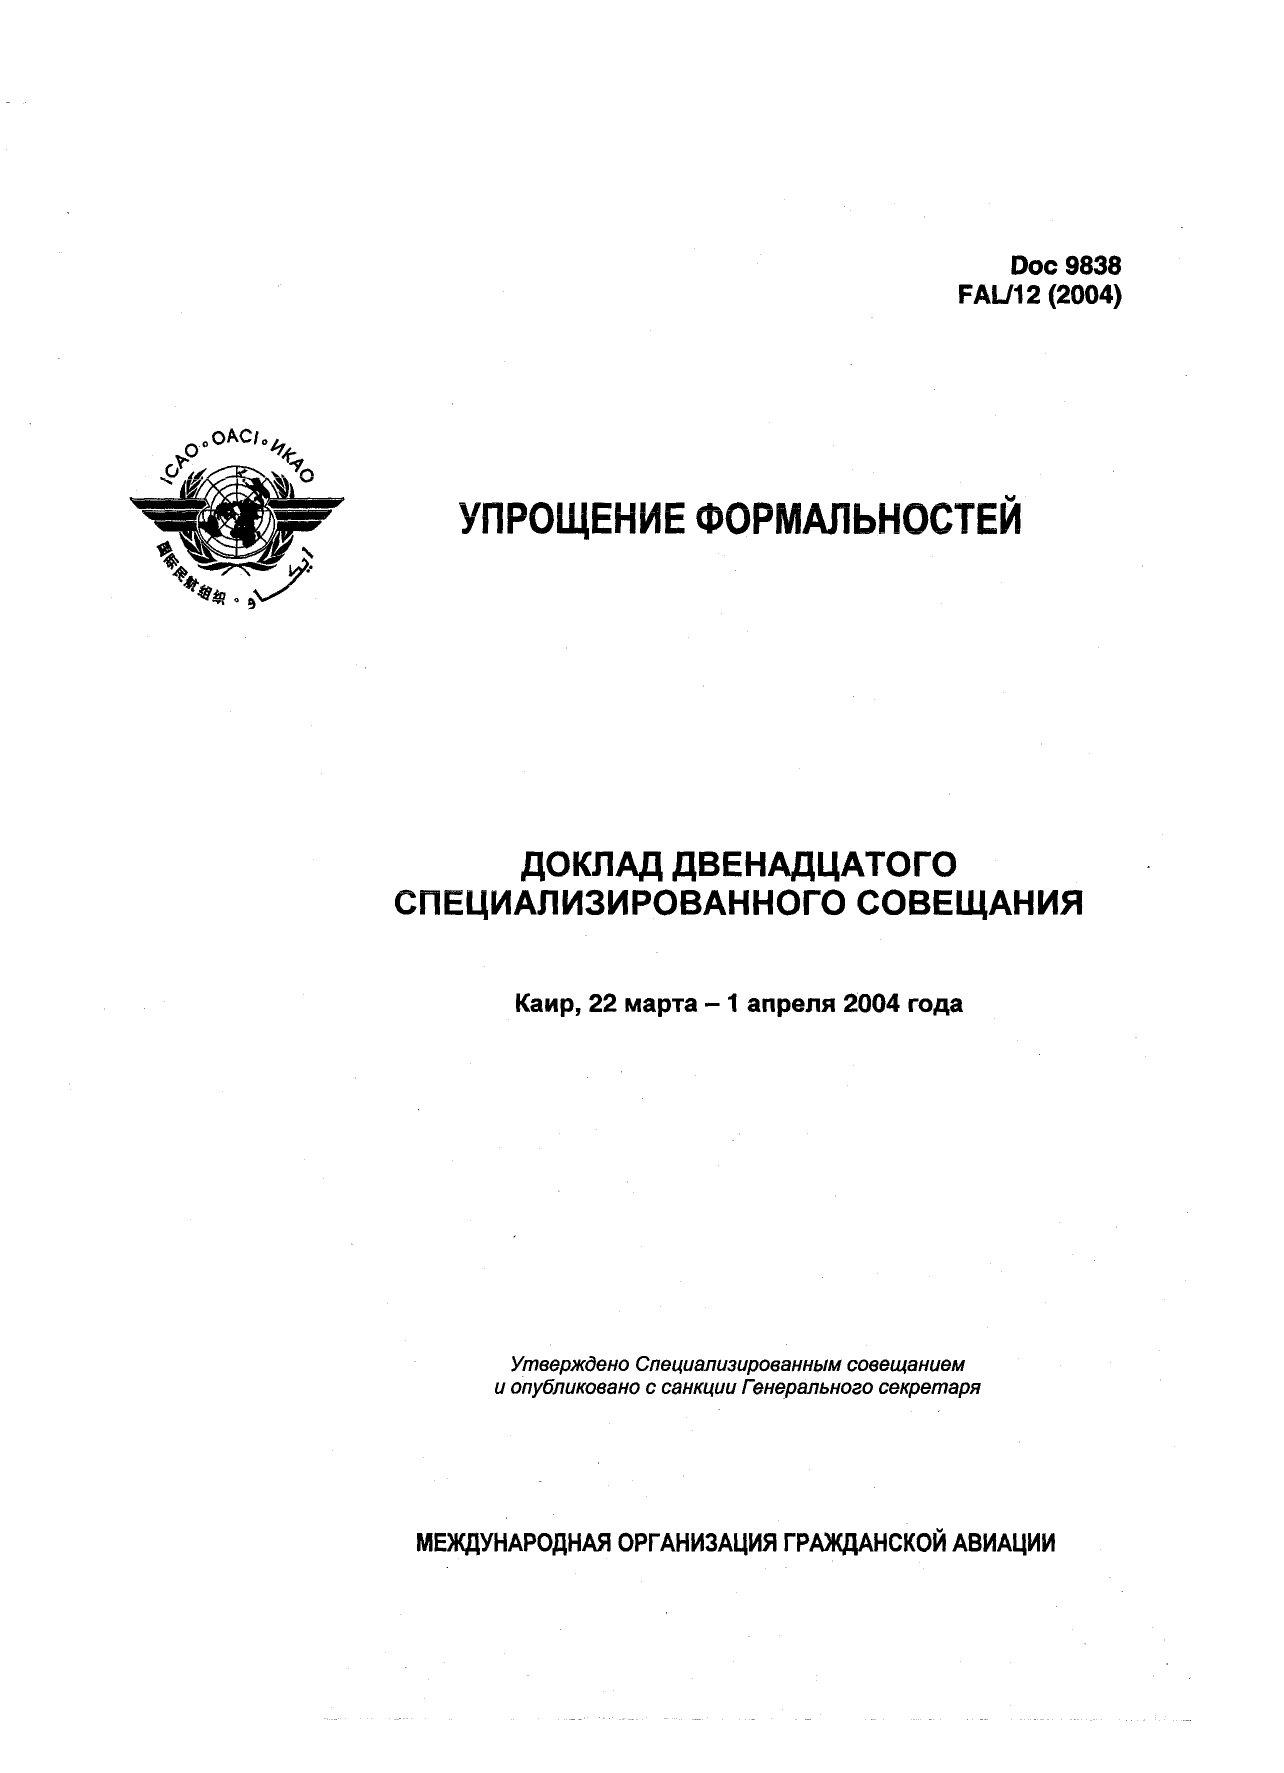 ICAO Doc 9838 FAL - Упрощение формальностей. Доклад Двенадцатого Специализированного совещания, Каир, 22 марта - 1 апреля 2004 года